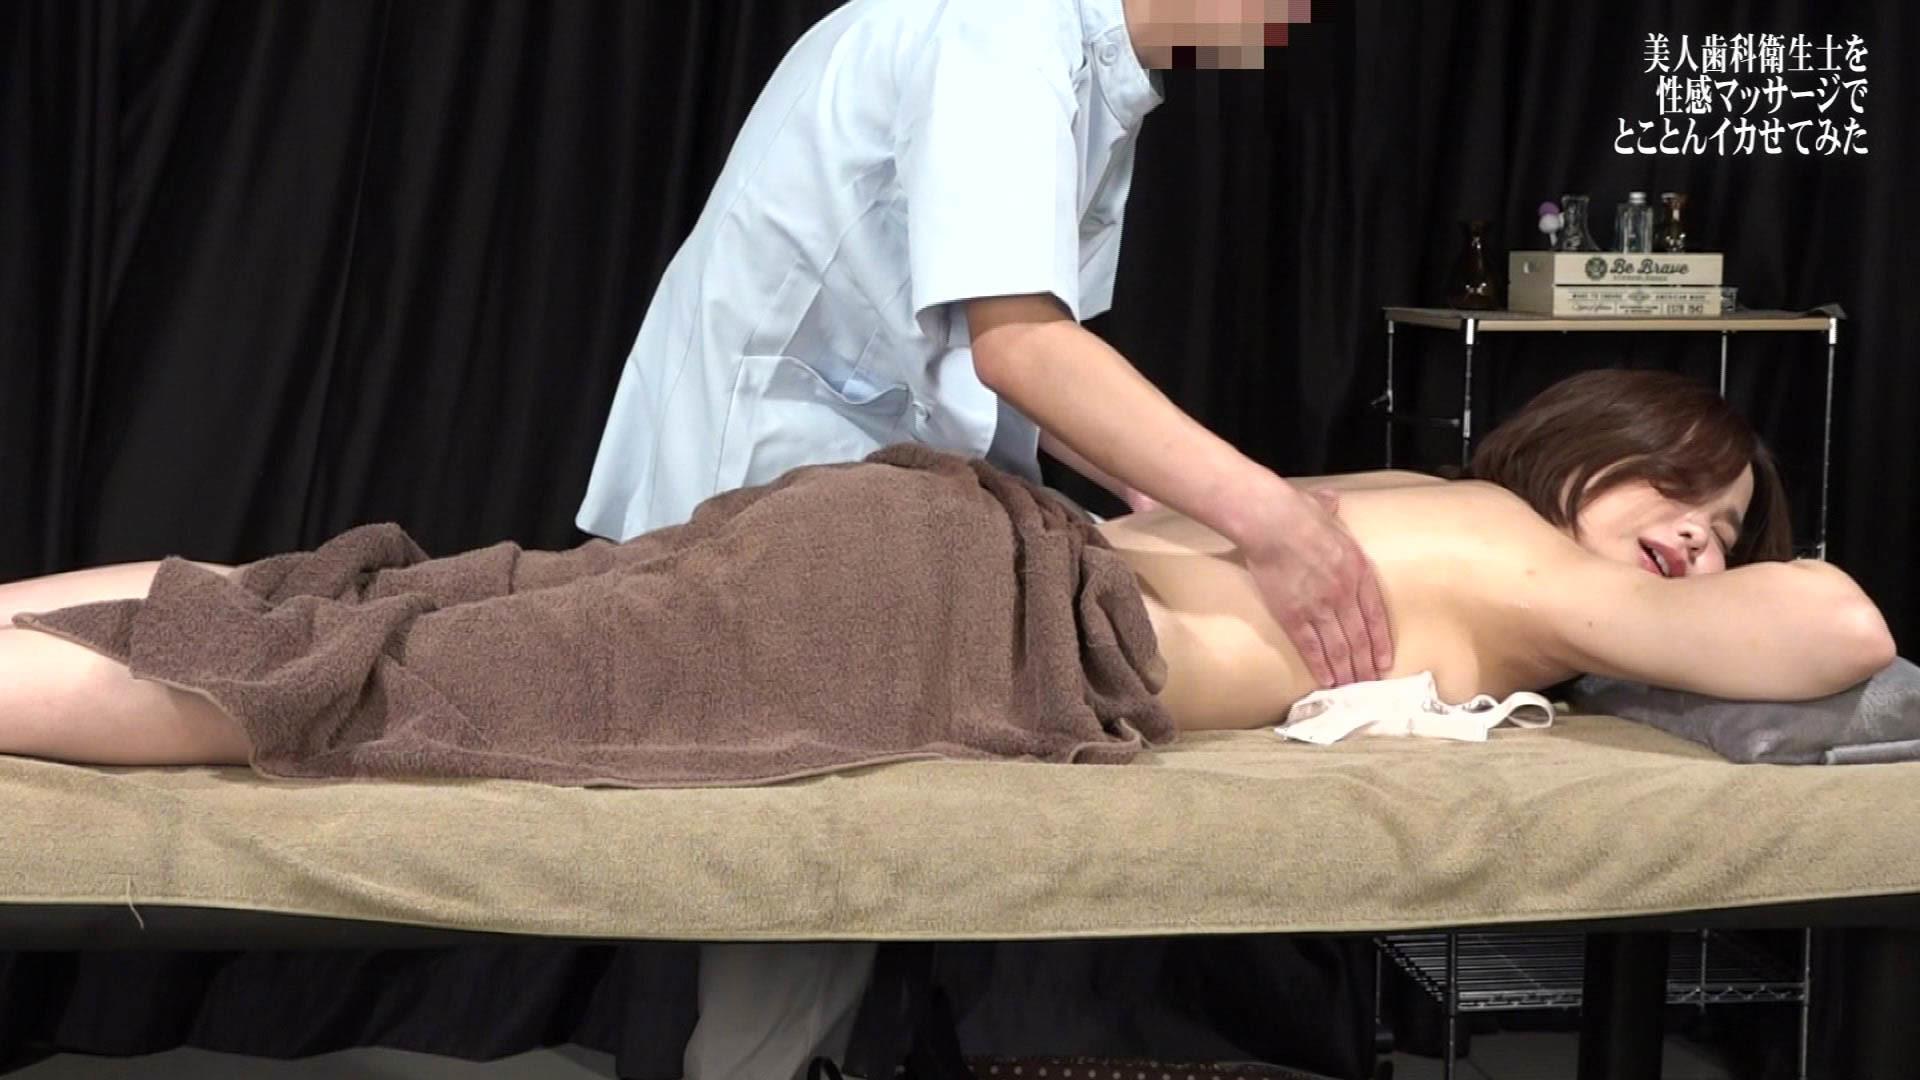 美人歯科衛生士を性感マッサージでとことんイカせてみた 画像15